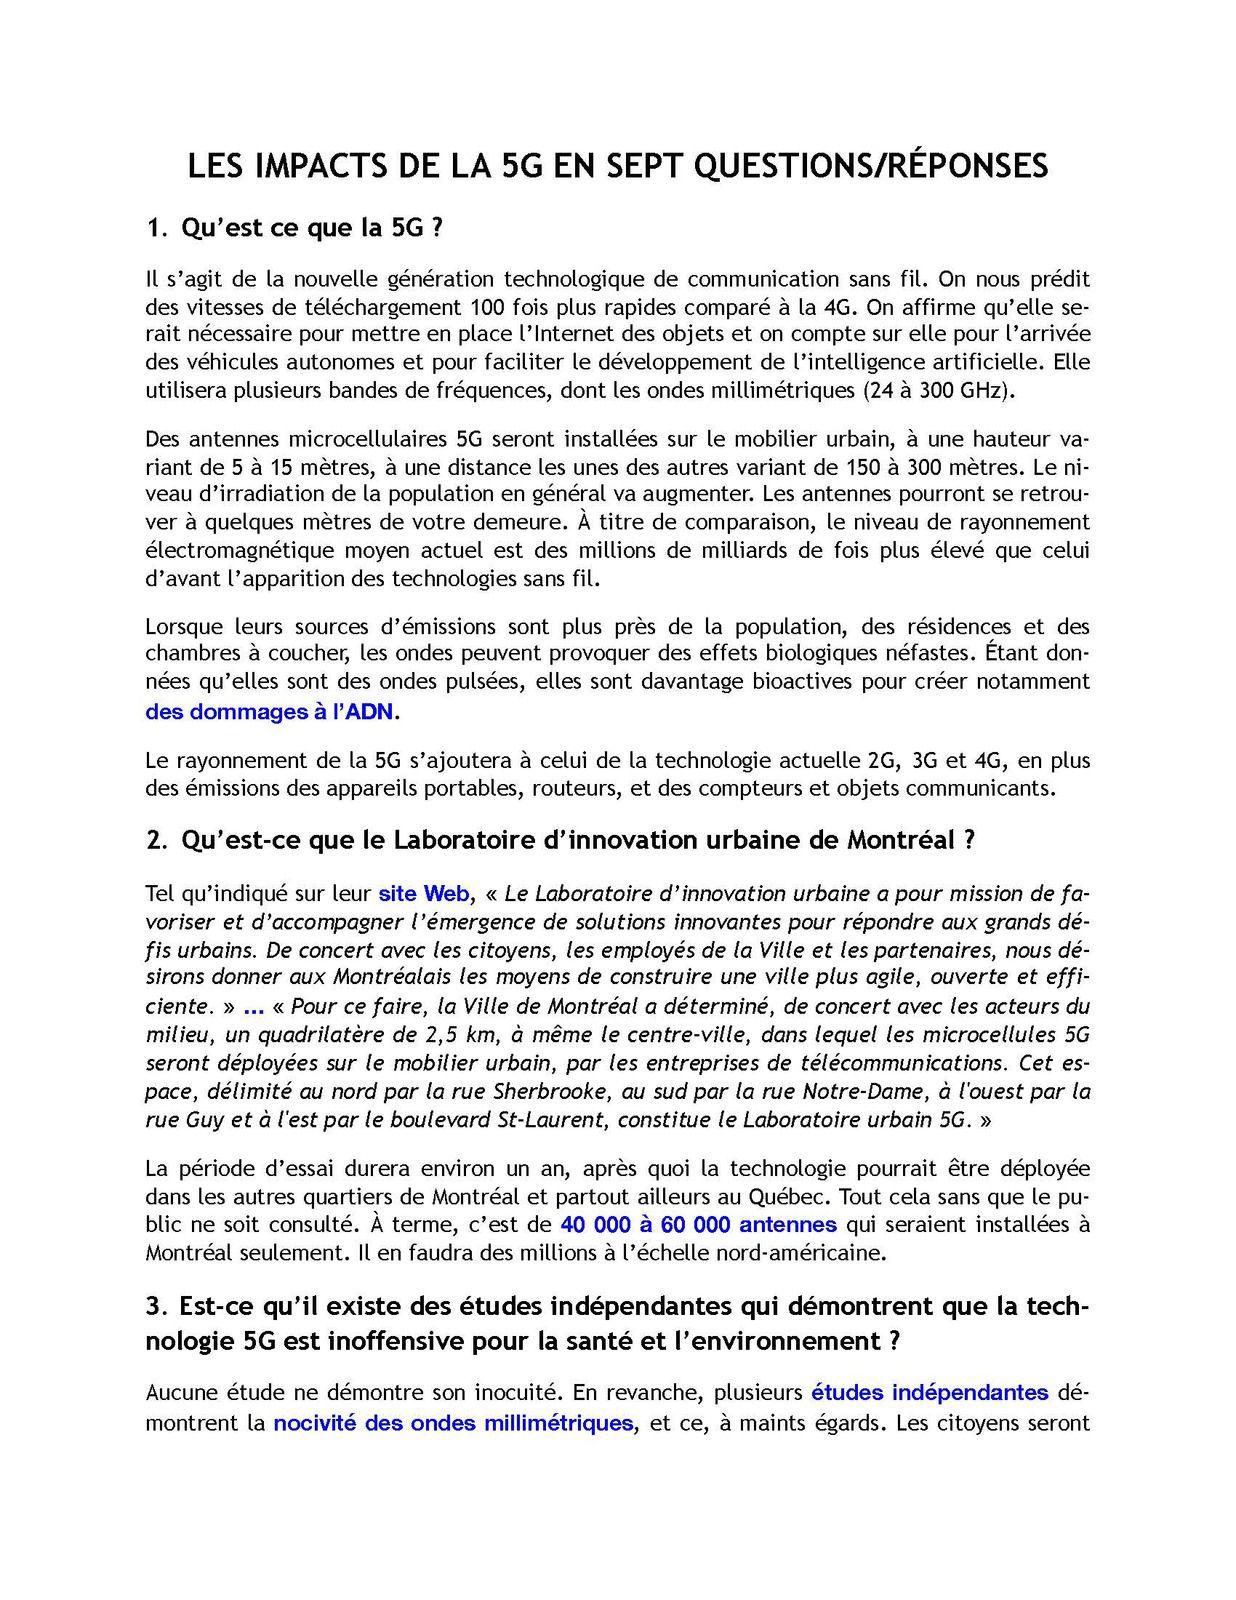 La coordination mondiale contre la 5G appelle à unir nos forces le 6 juin.